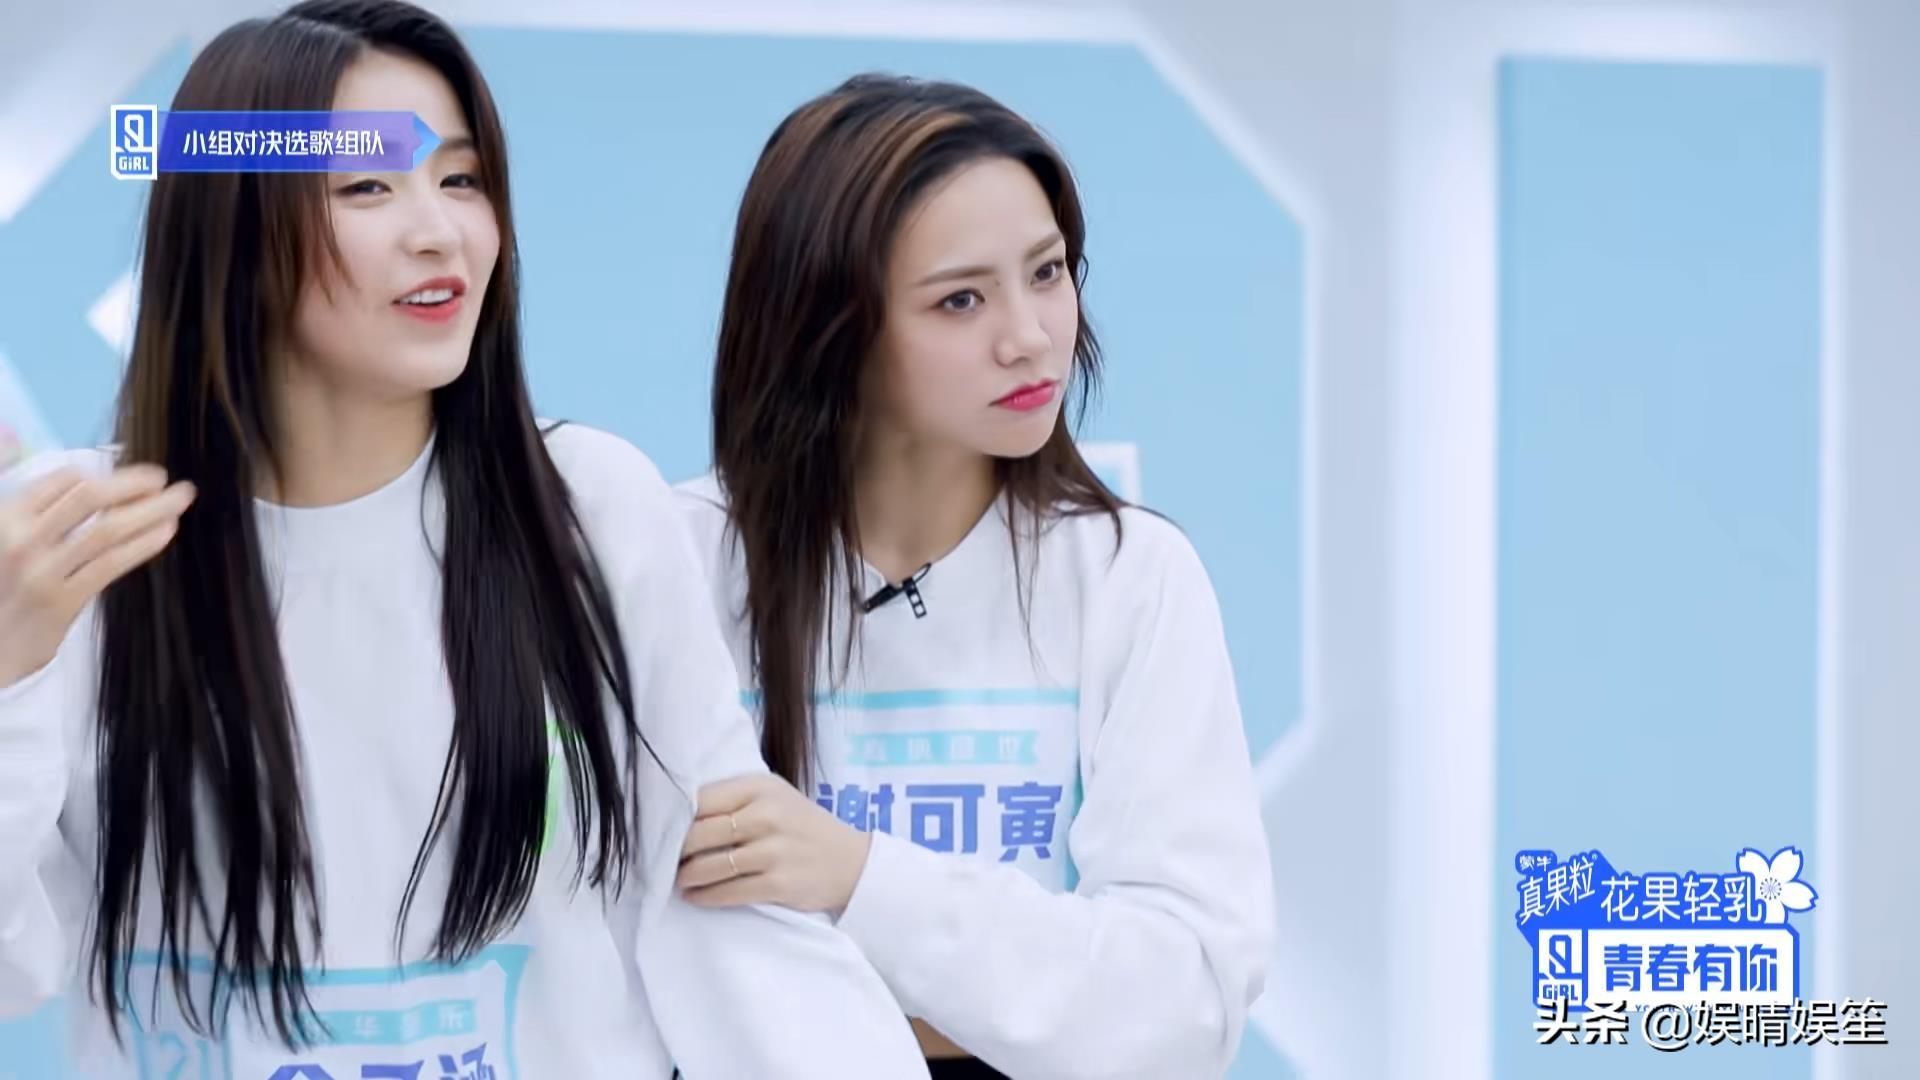 青春有你2:金子涵VS王欣宇,风格、舞蹈很重要?